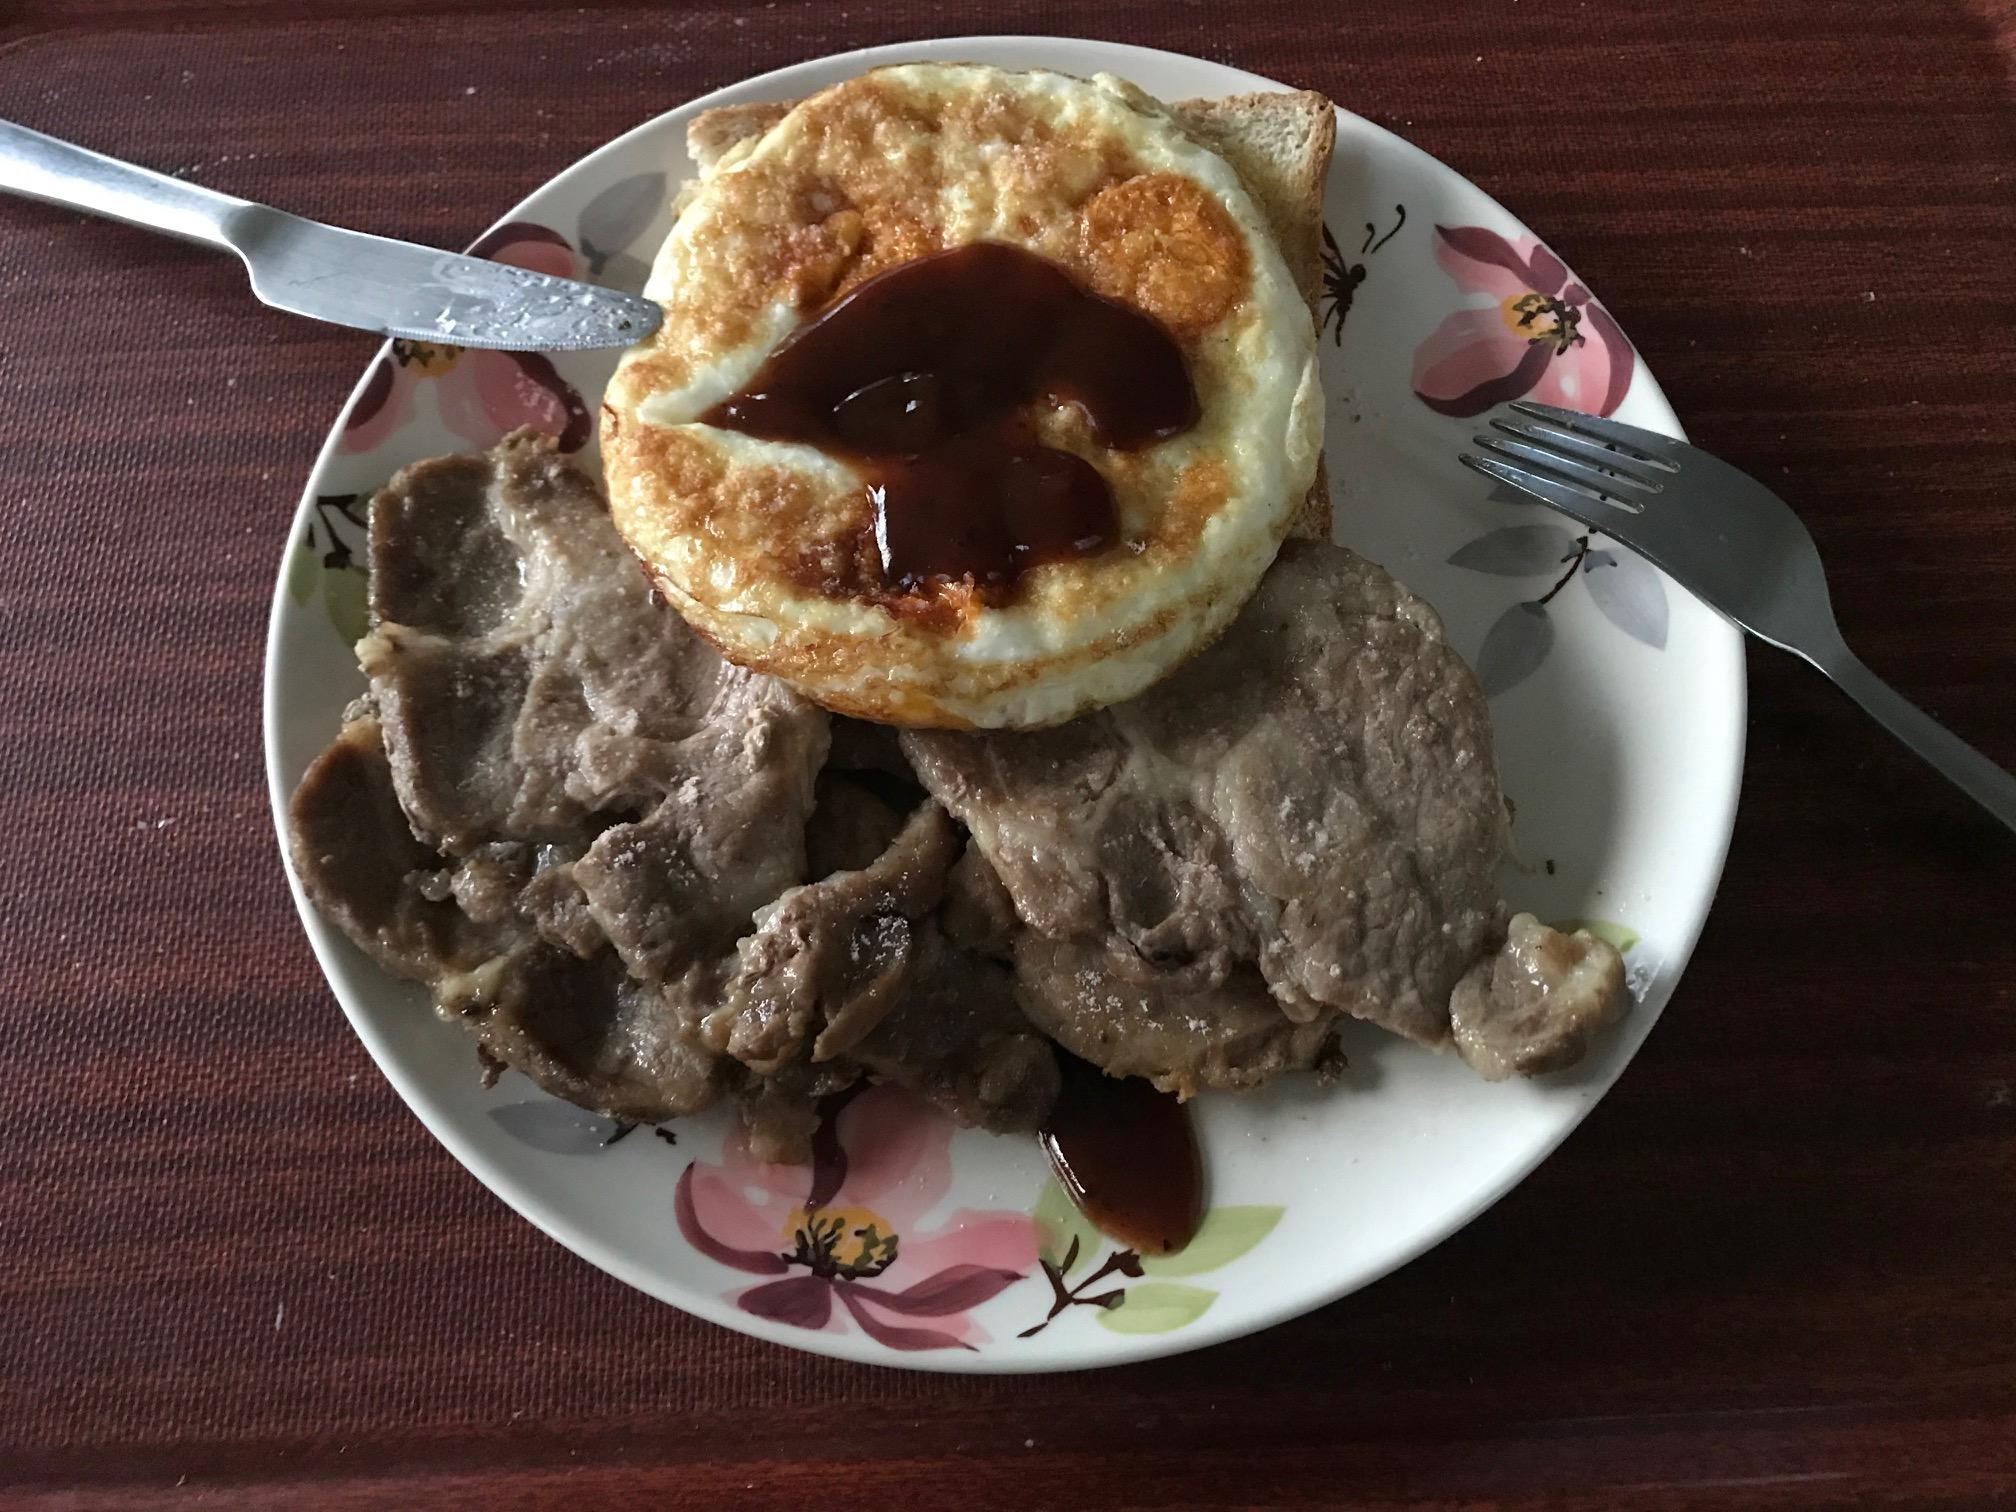 Breakfast-img_0131-jpg